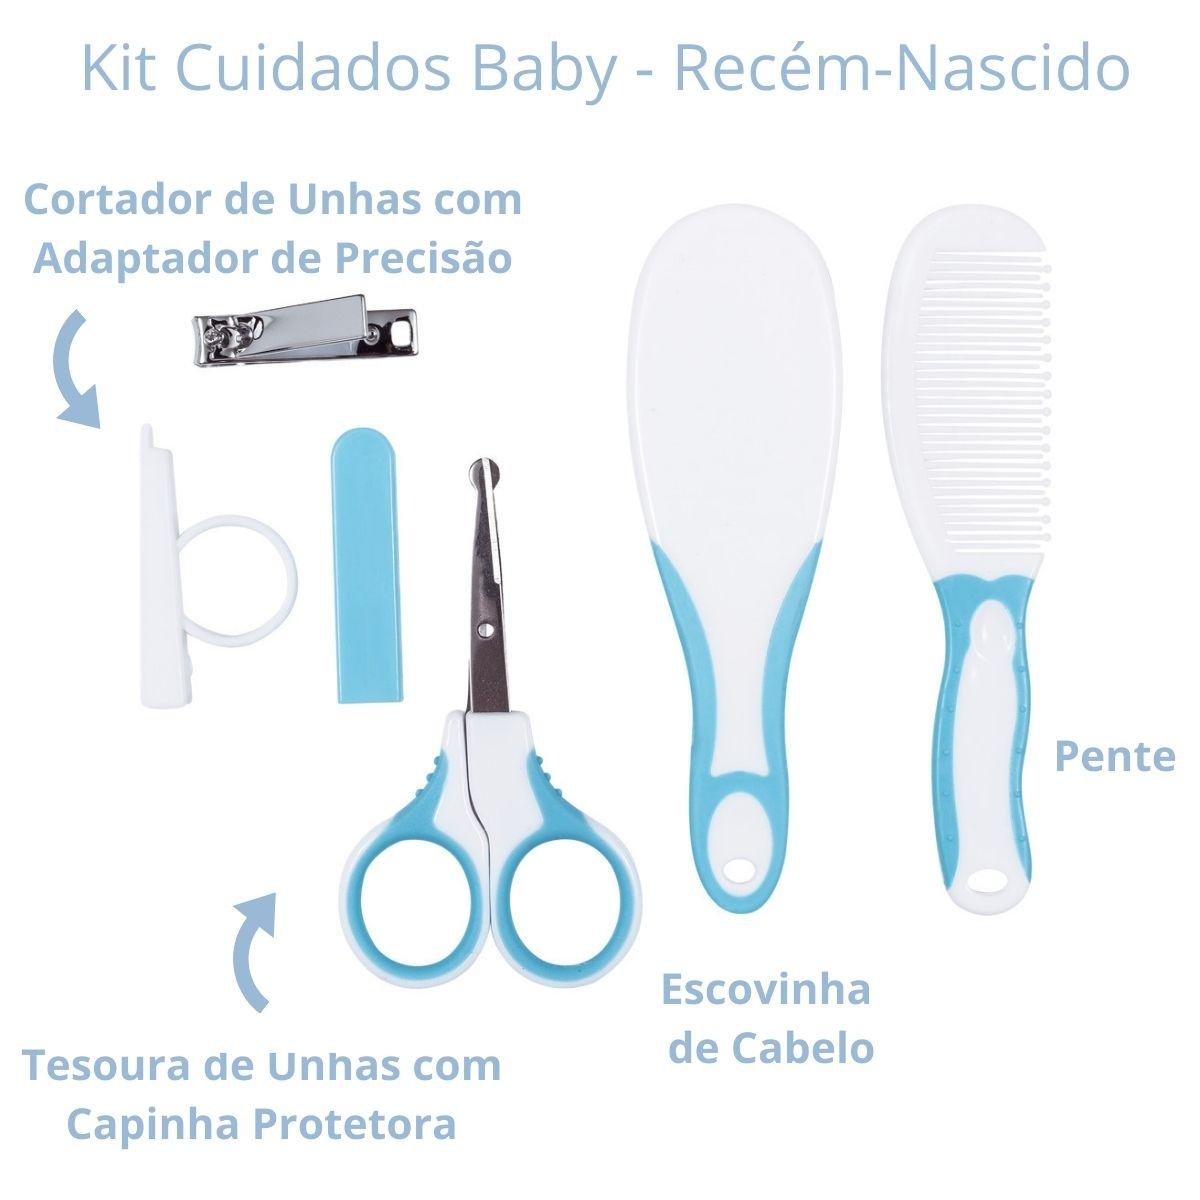 Kit Cuidados E Higiene Bebê Pente Escova Cortador De Unhas Azul Buba Baby